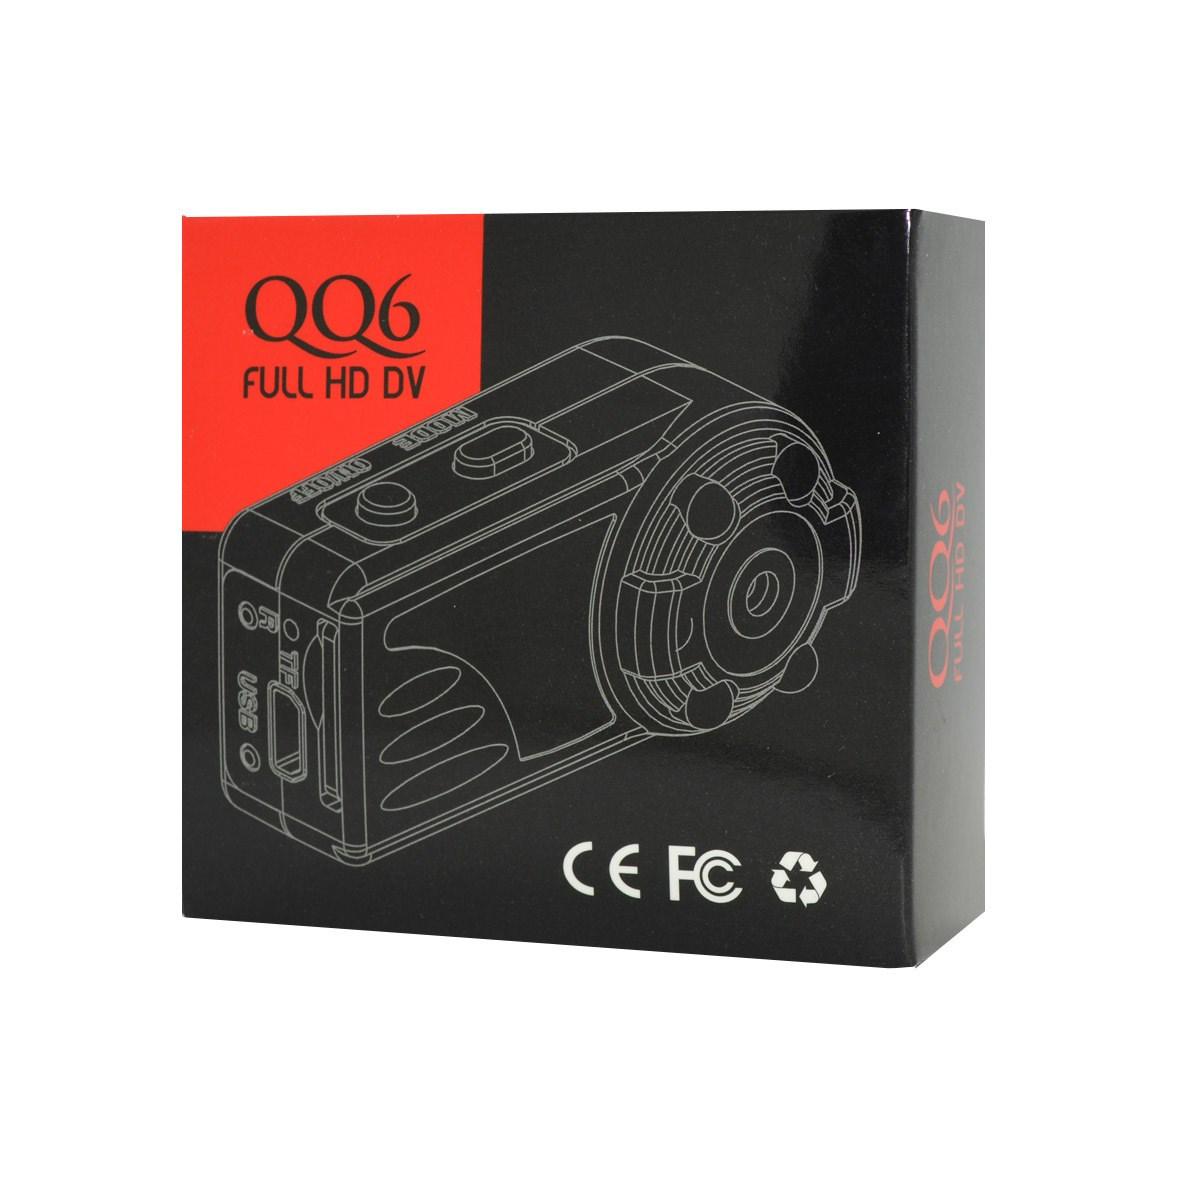 跨境数码爆款 QQ6数码相机 会议记录仪 红外夜视监控摄像机